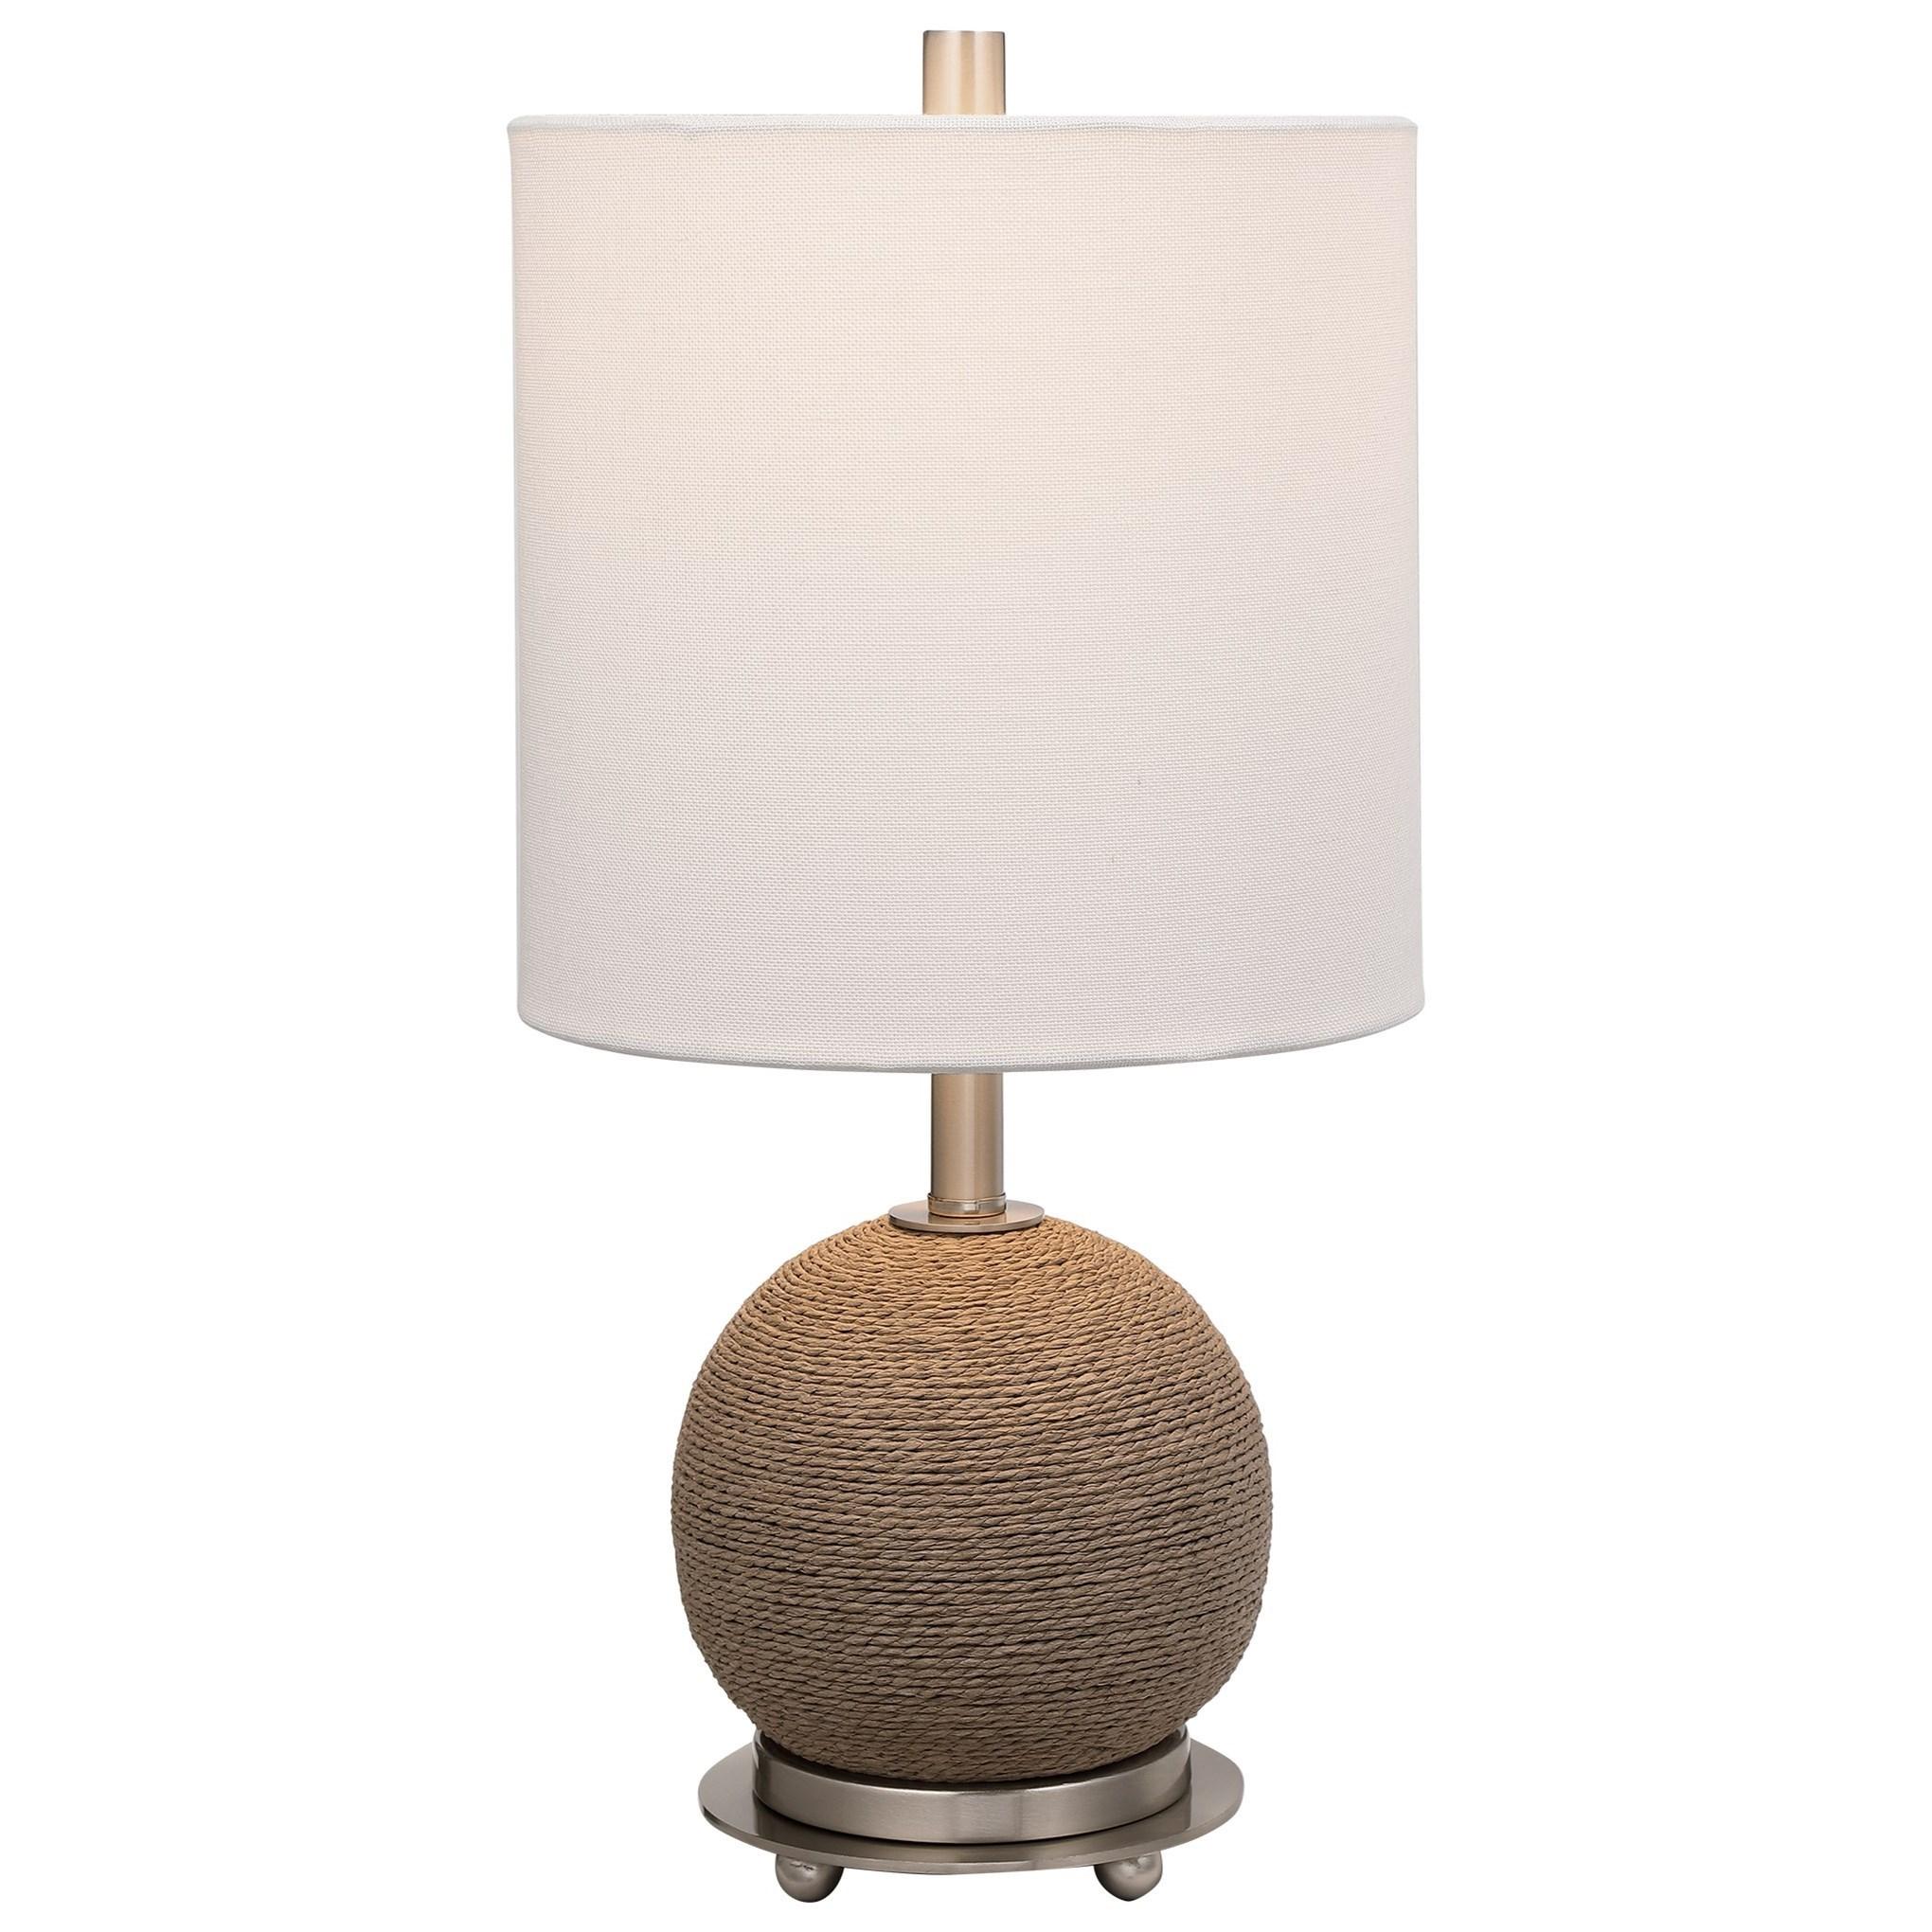 Captiva Rattan Accent Lamp